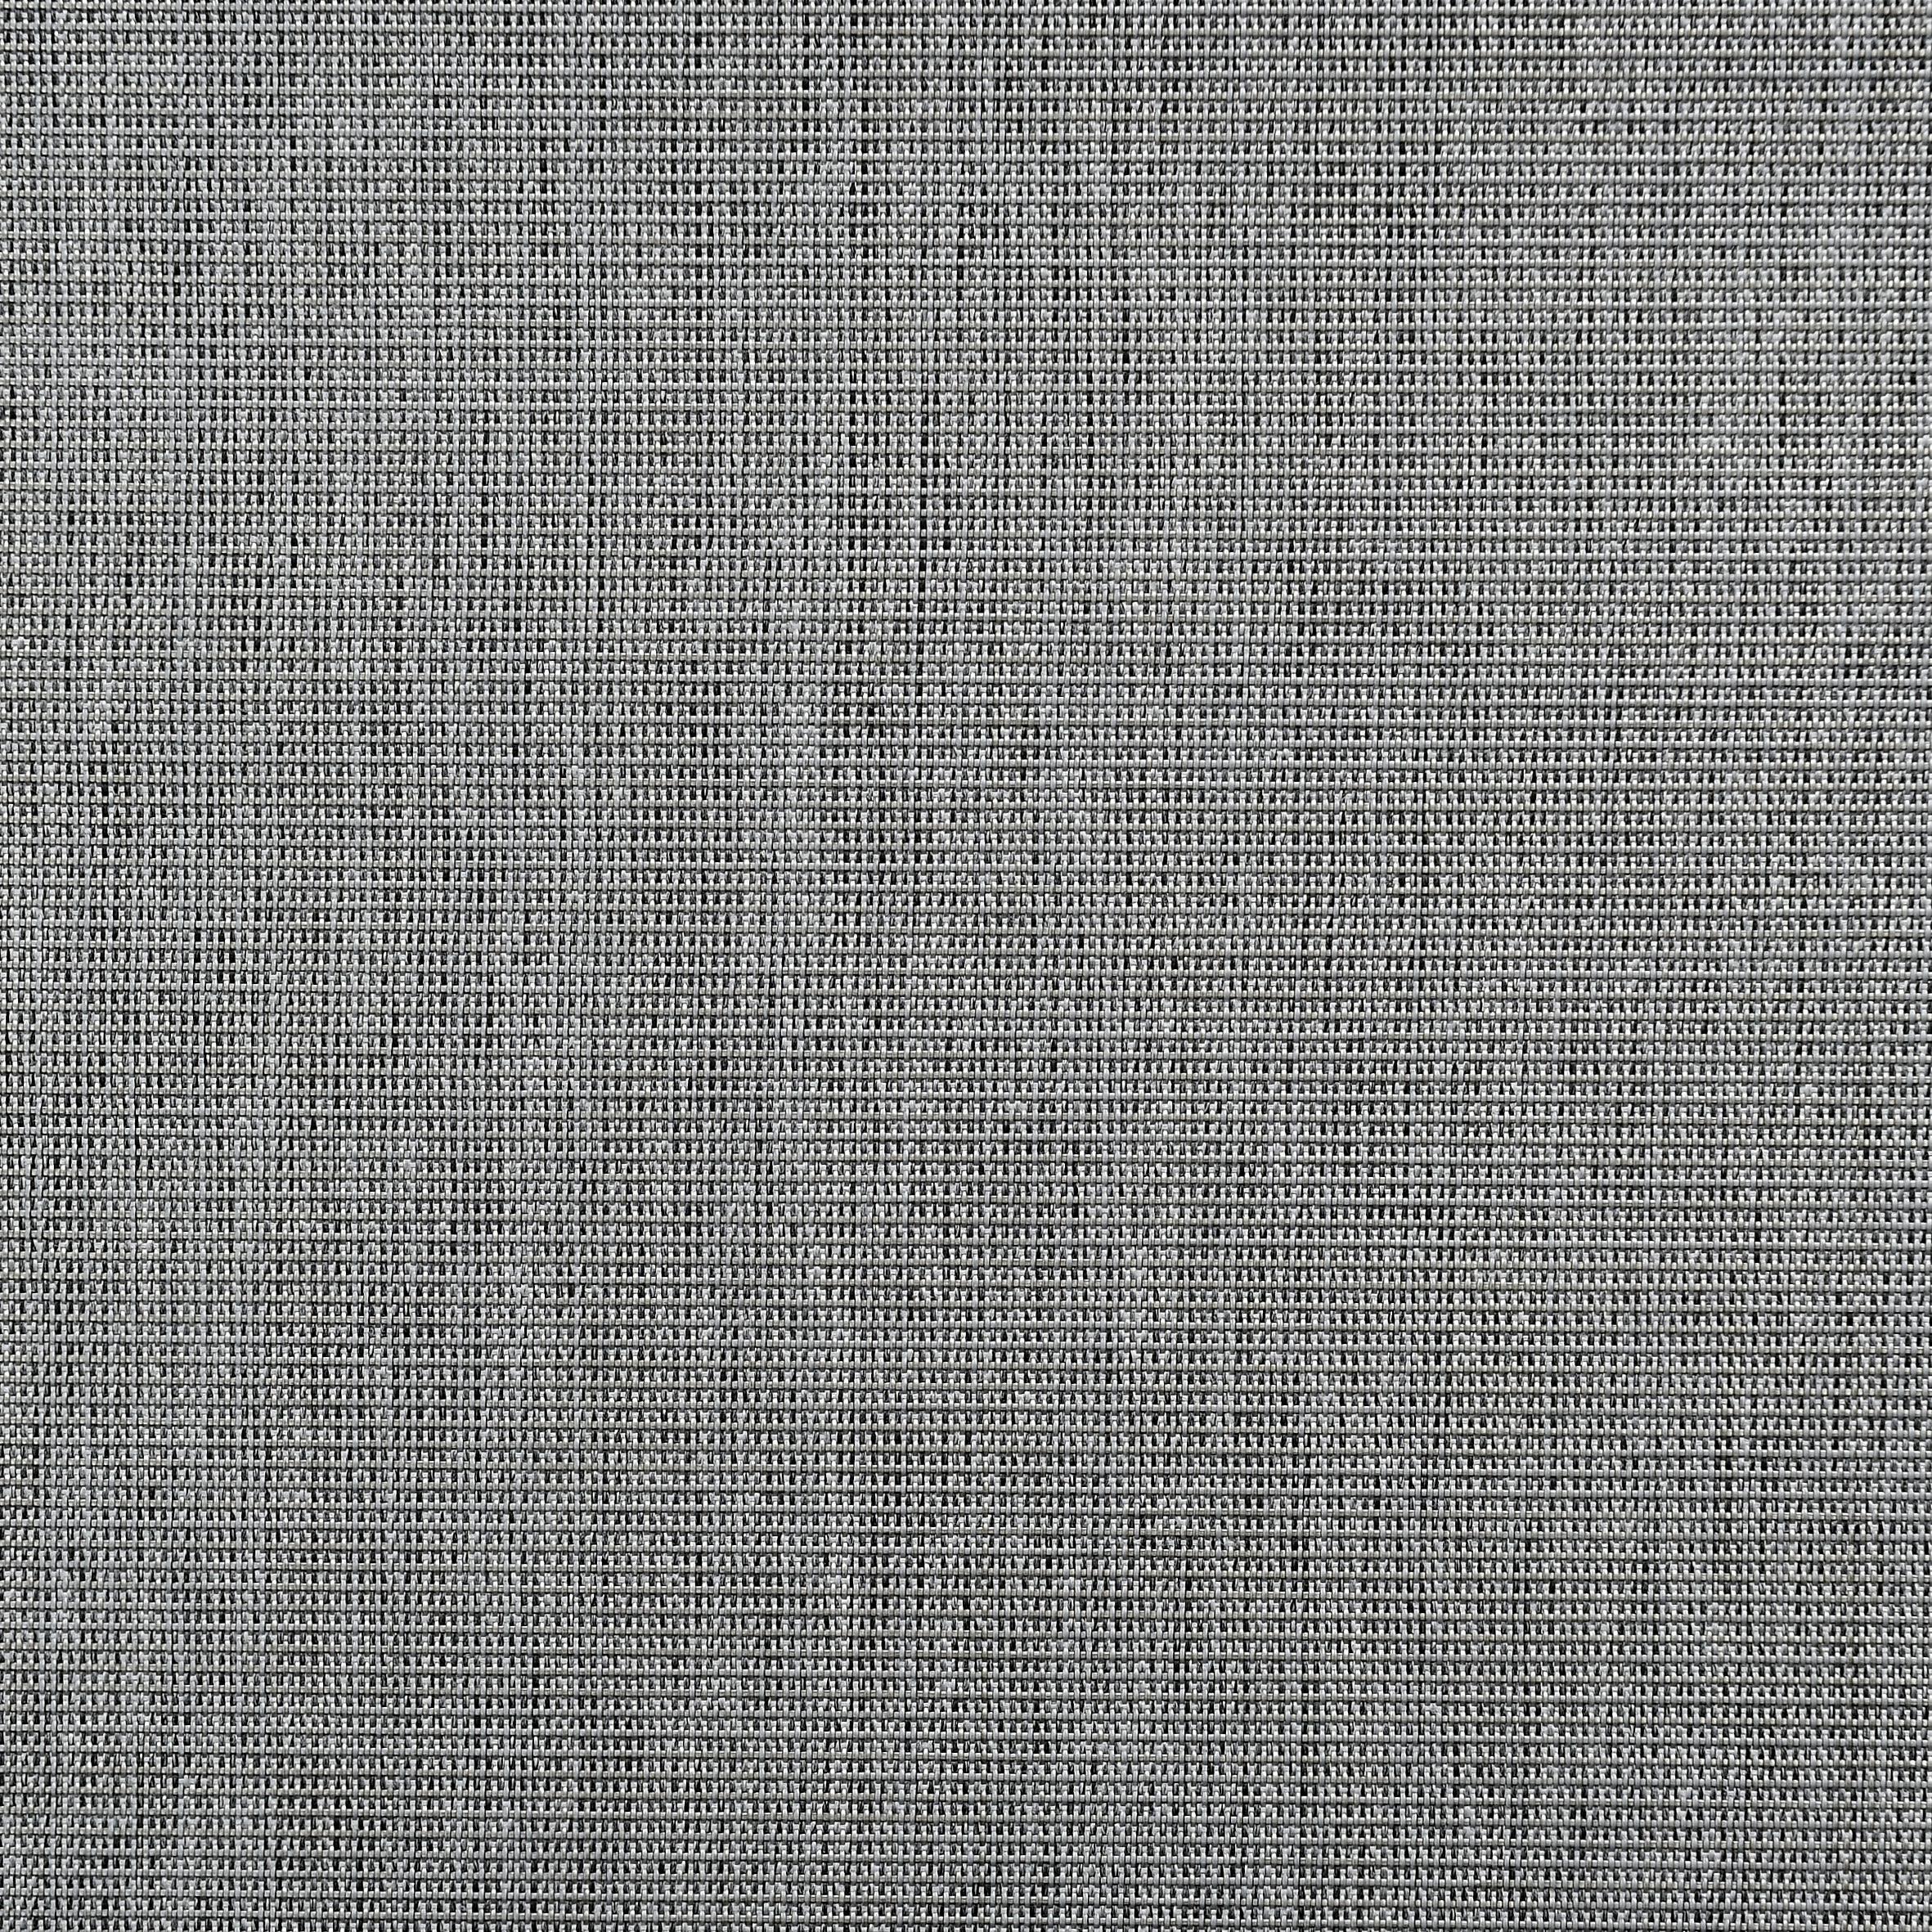 Gartenstuhl SIMA (4 Stk) (grau) 01